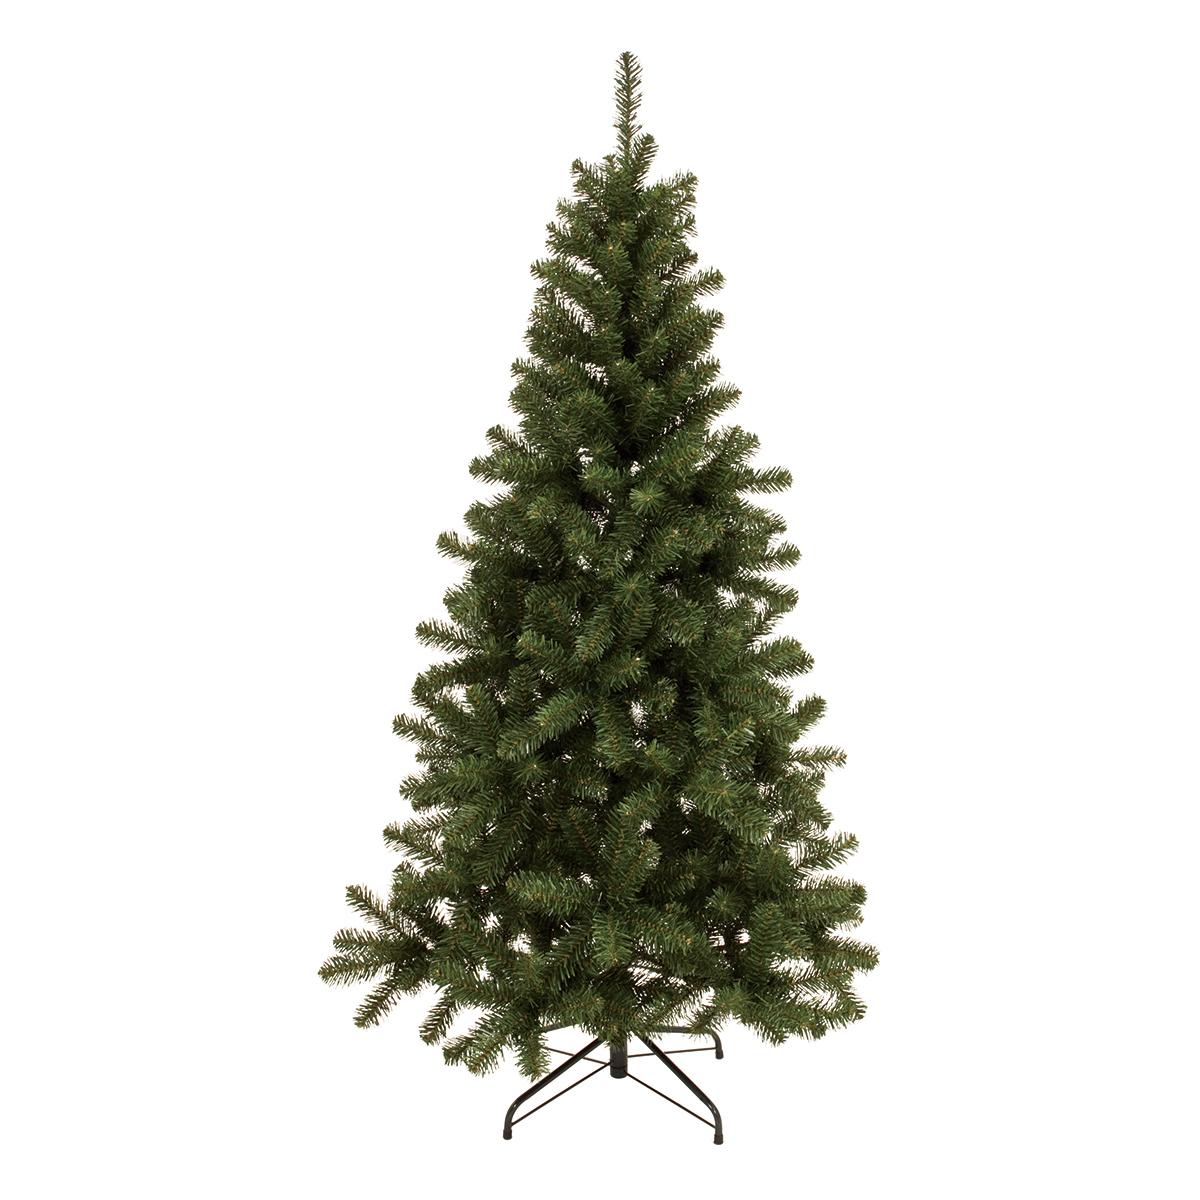 東京堂/アルトスリムツリー 7F /XV003870【01】【取寄】《 店舗ディスプレイ クリスマス飾り クリスマスツリー 》